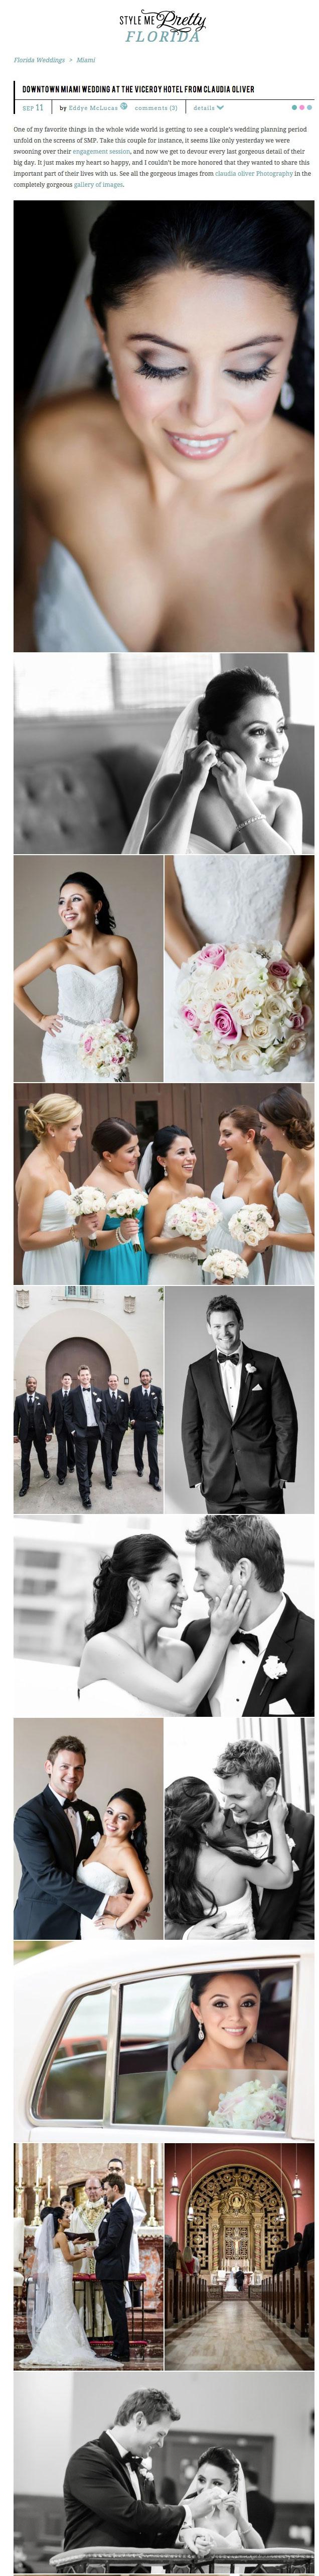 Downtown-Miami-Wedding_01